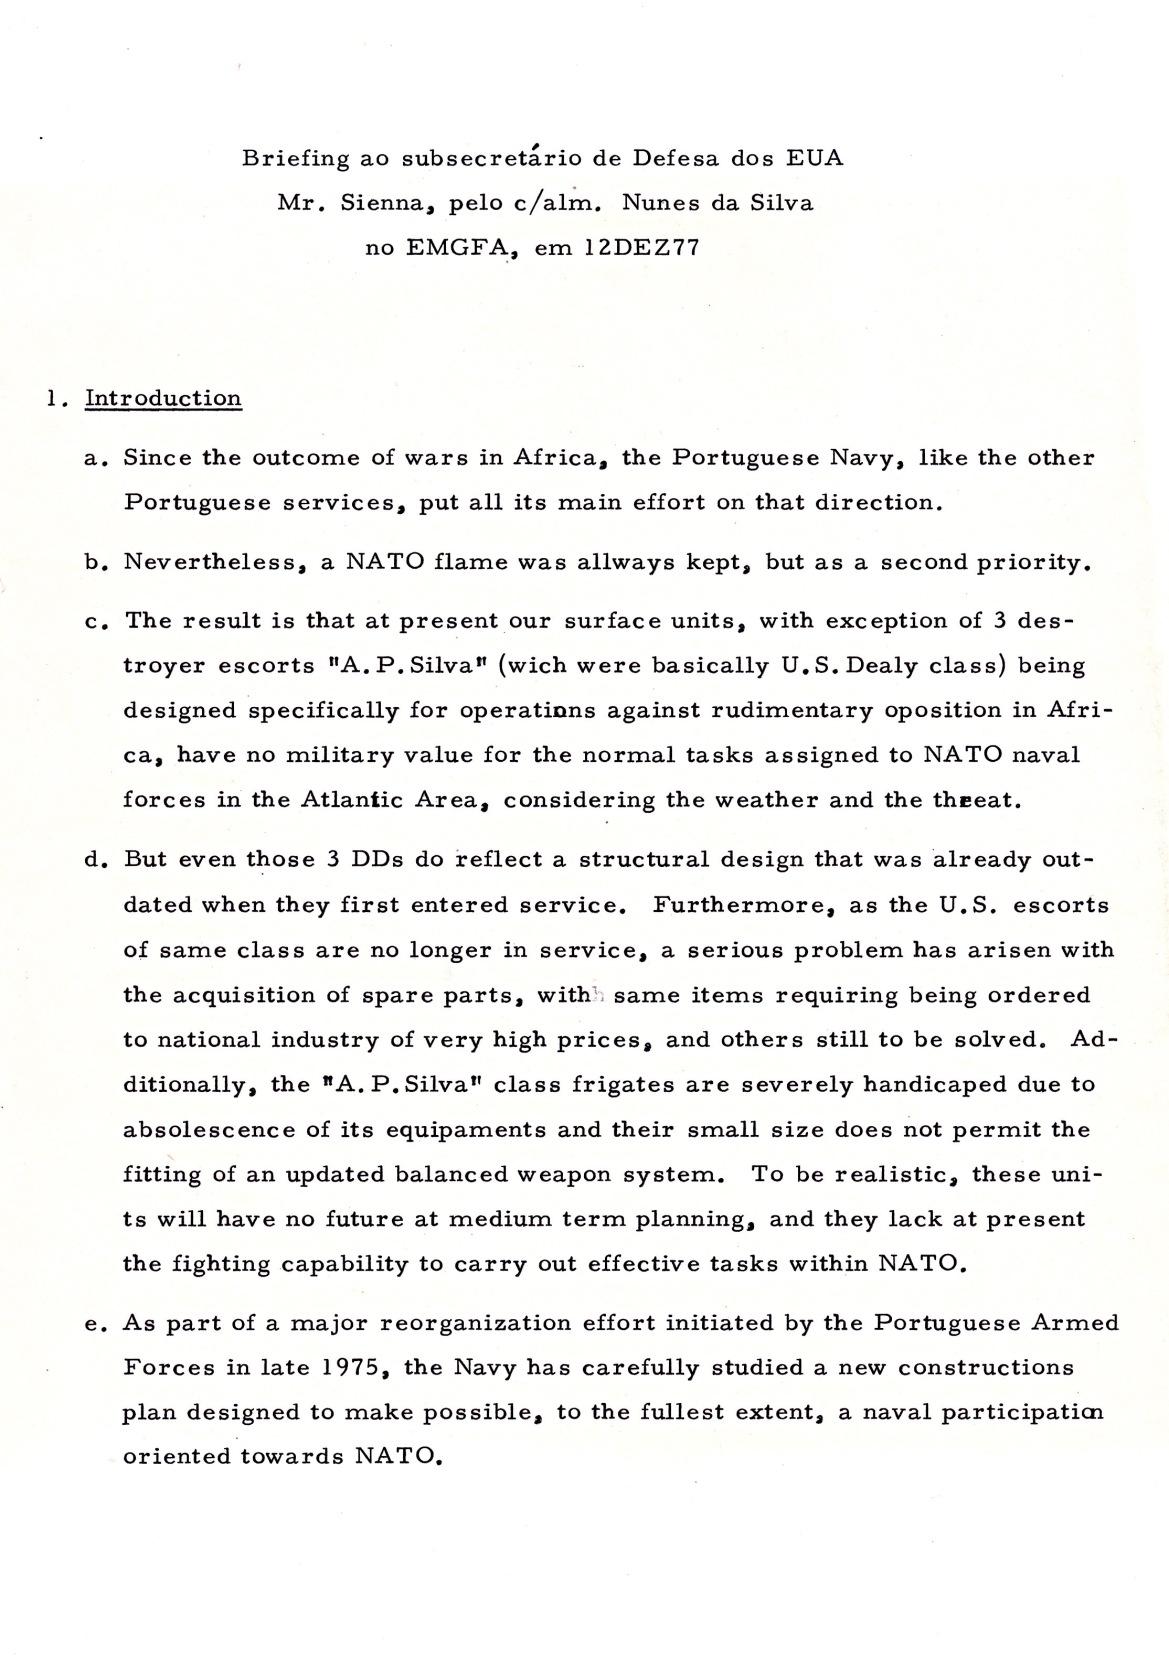 00872 977-12-12 Briefing do CAlm Nunes da Silva ao Sub Secretário da Defesa dos EUA Mr Sienna sobre o meu plano naval -pg 1